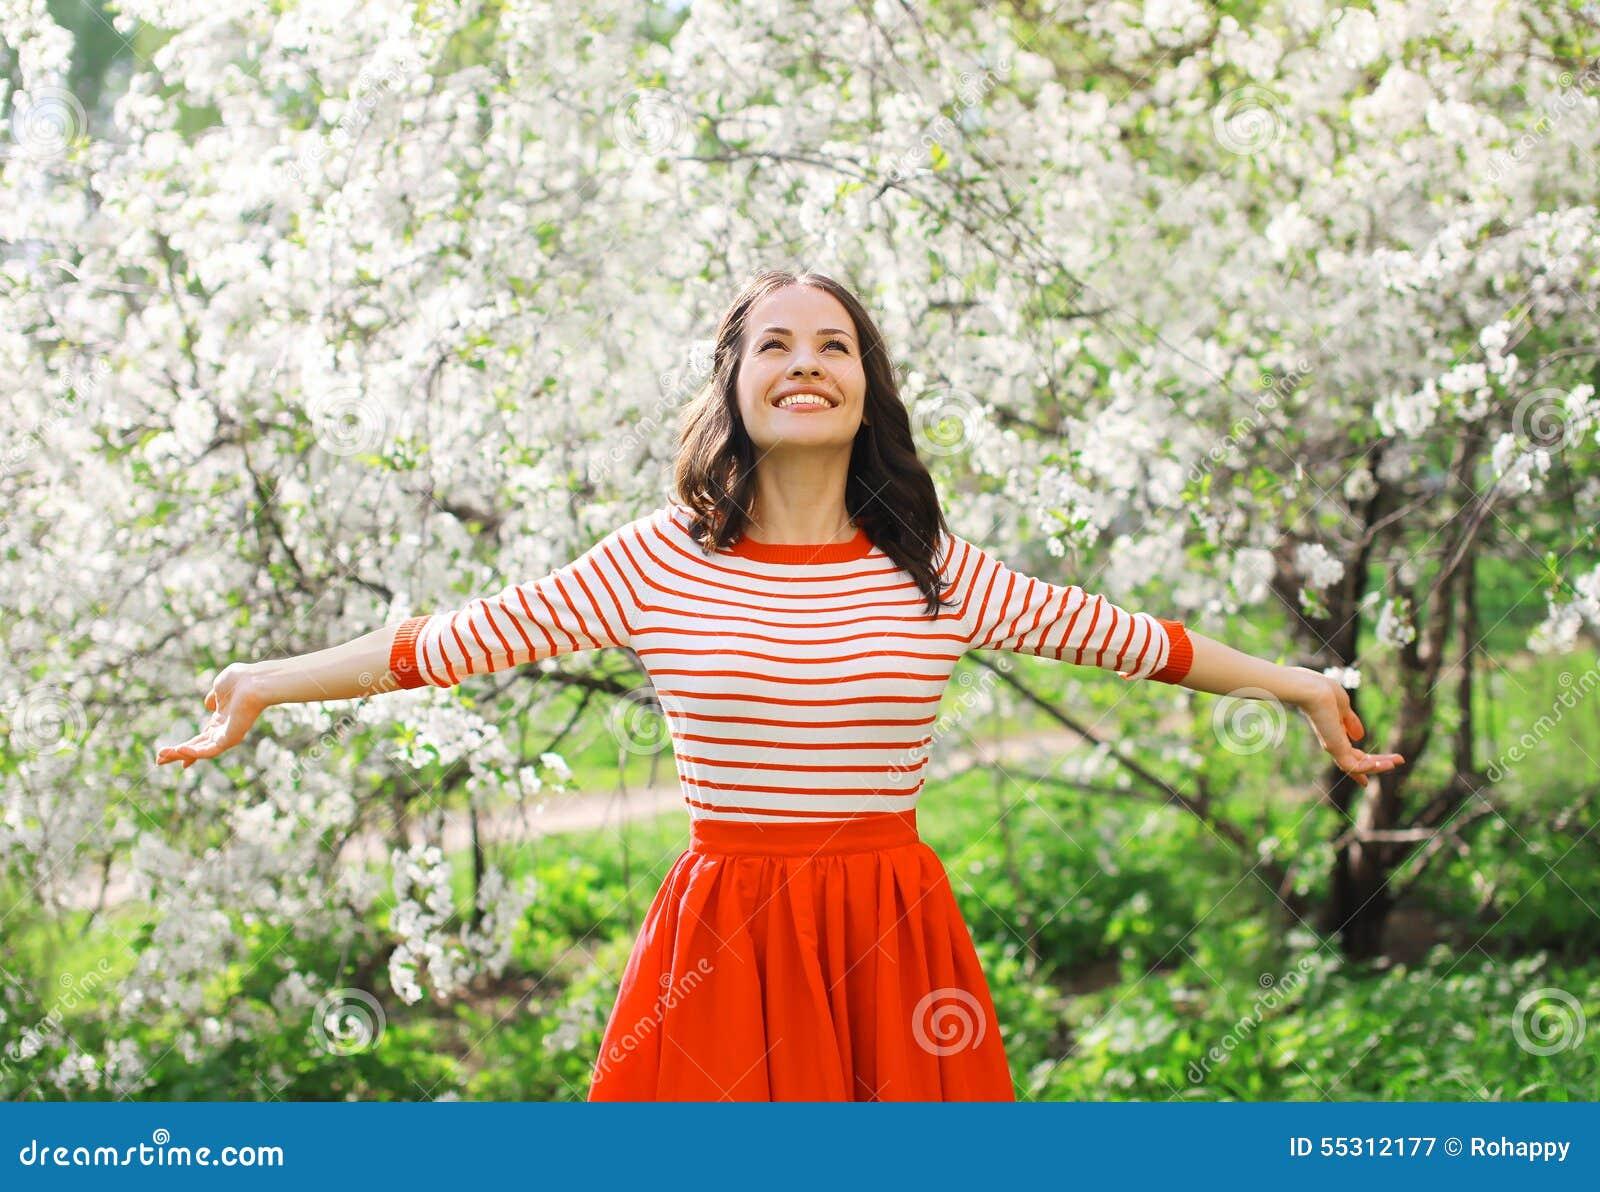 Schöne glückliche junge Frau, die Geruch in einem blühenden Frühling genießt